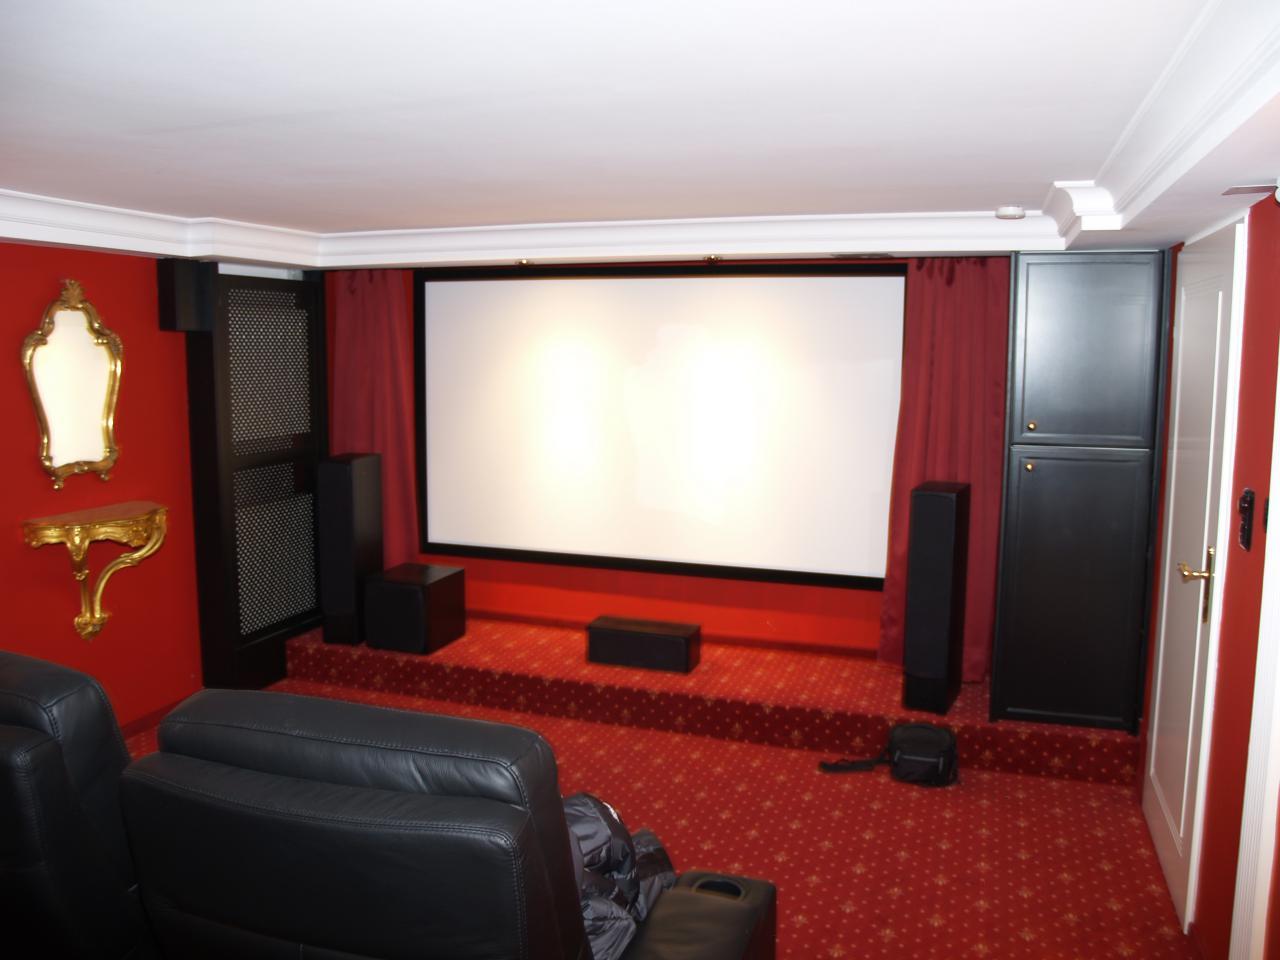 Heimkino-RedDream-Rahmenleinwand-Kino-im